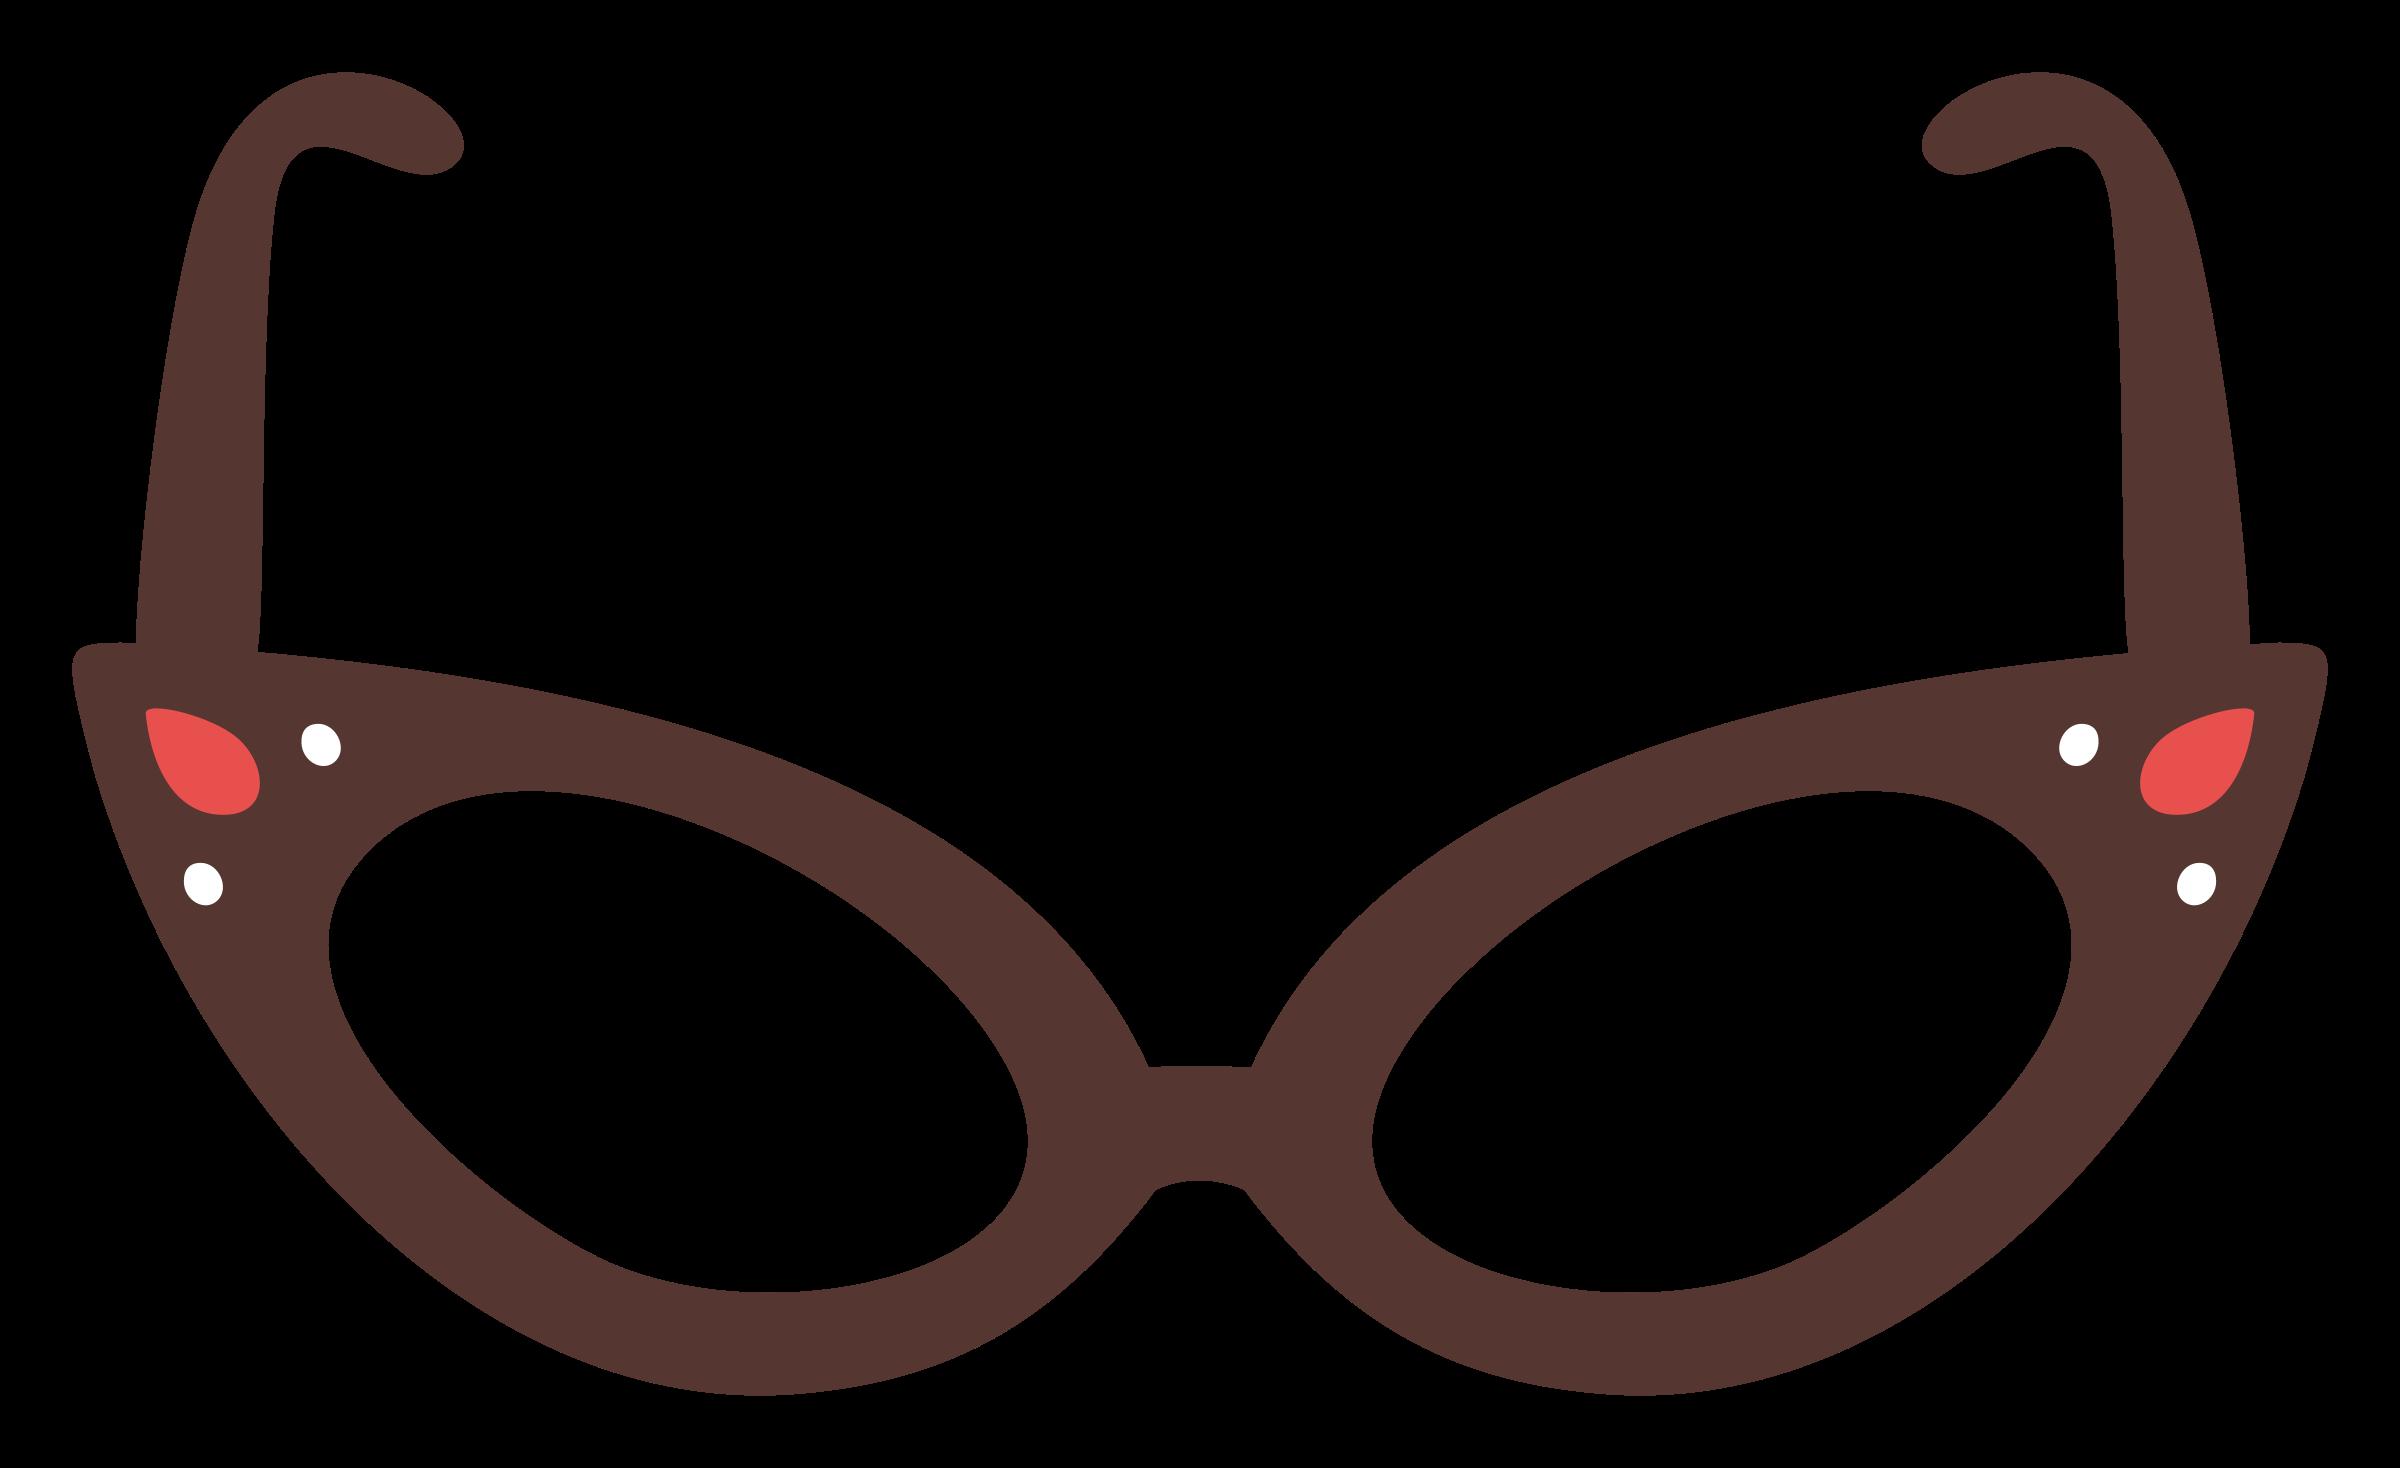 Eyeglasses clipart stylish glass. Cat eye glasses big